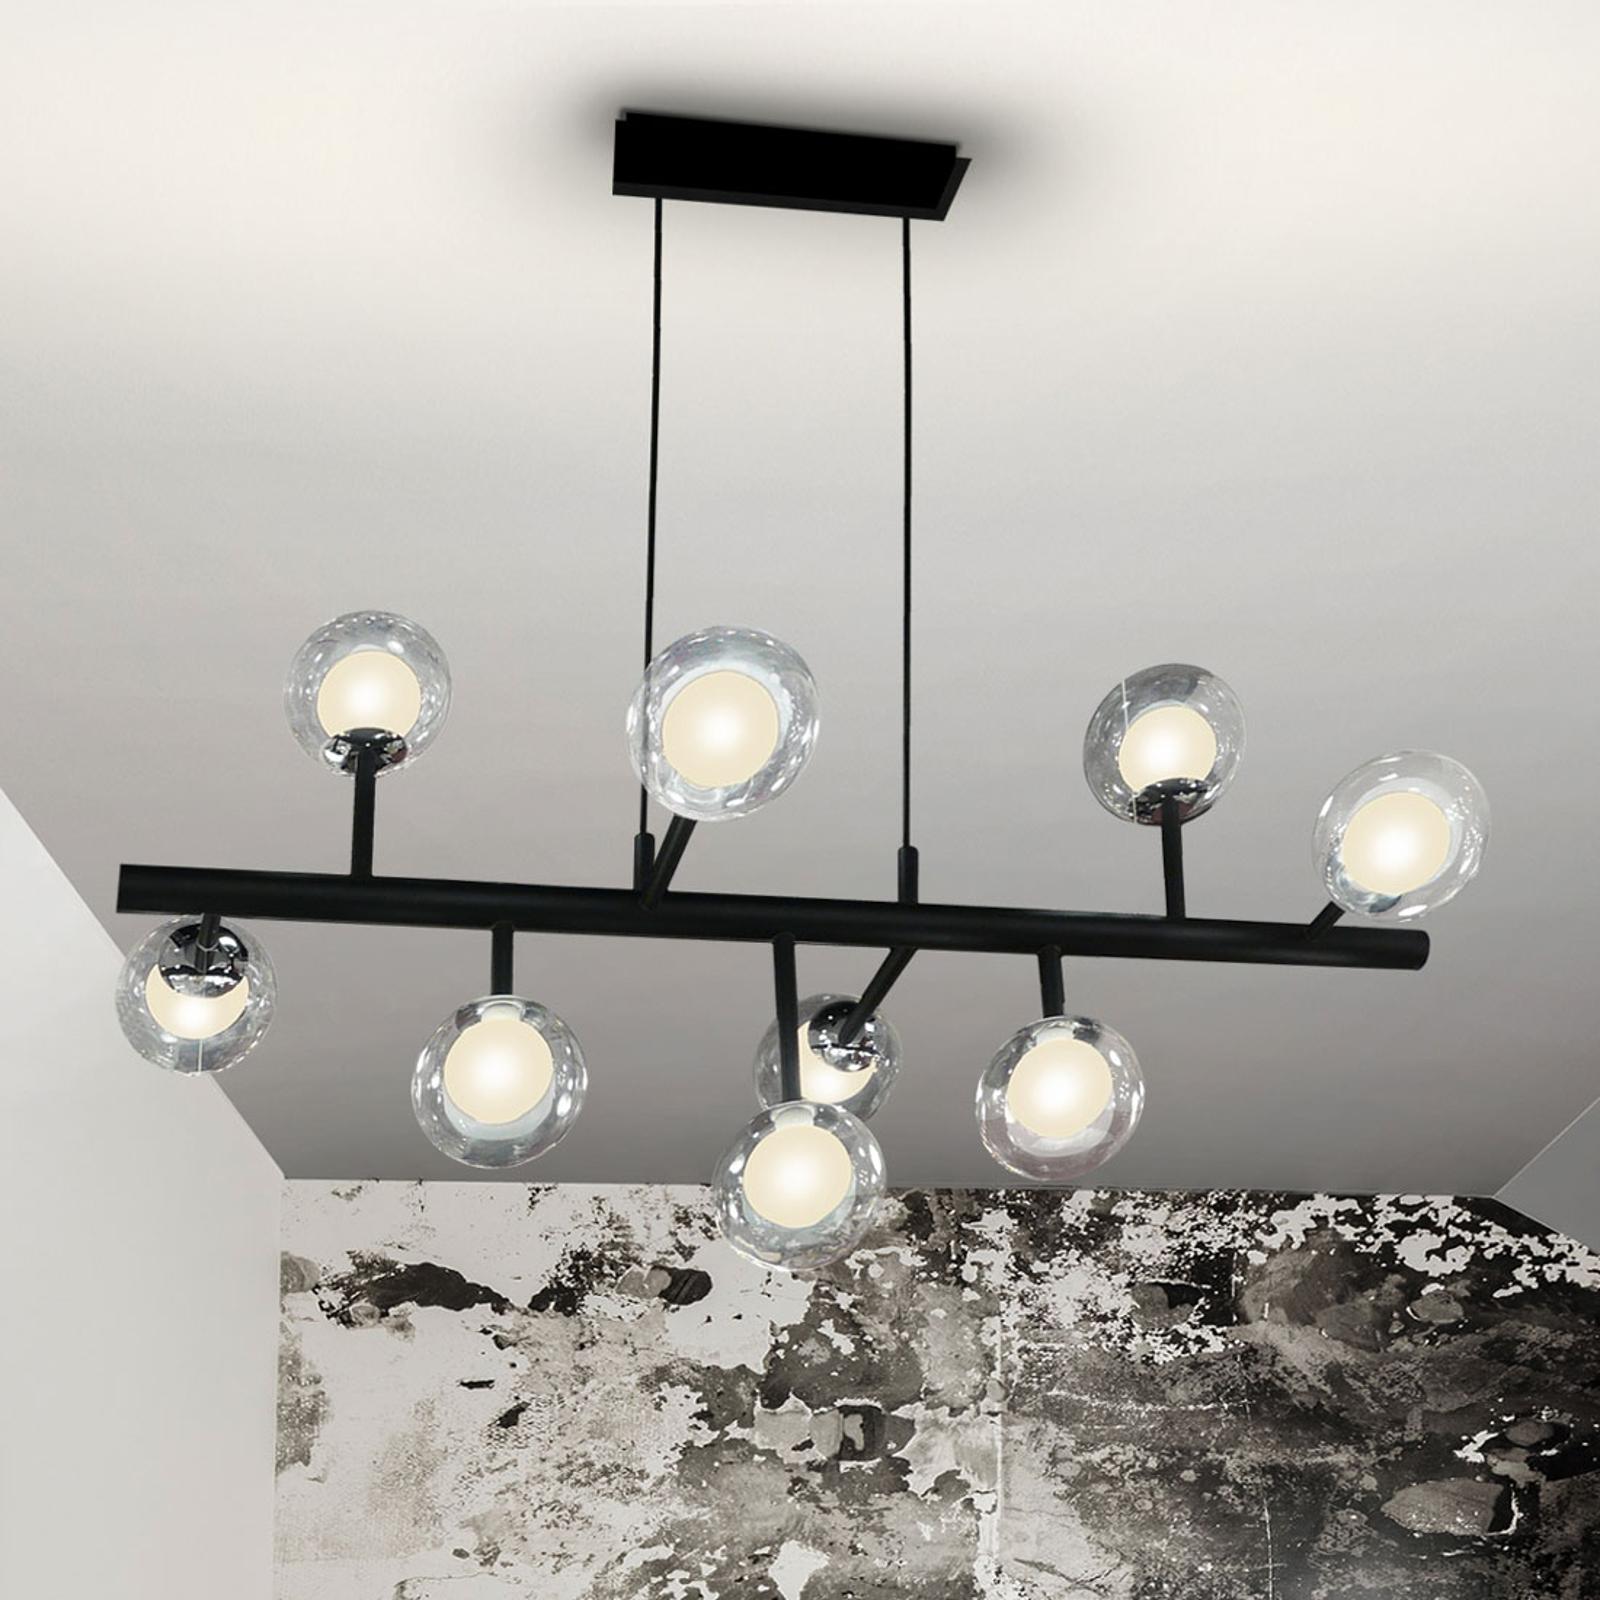 Suspension LED Altais dimmable avec télécommande